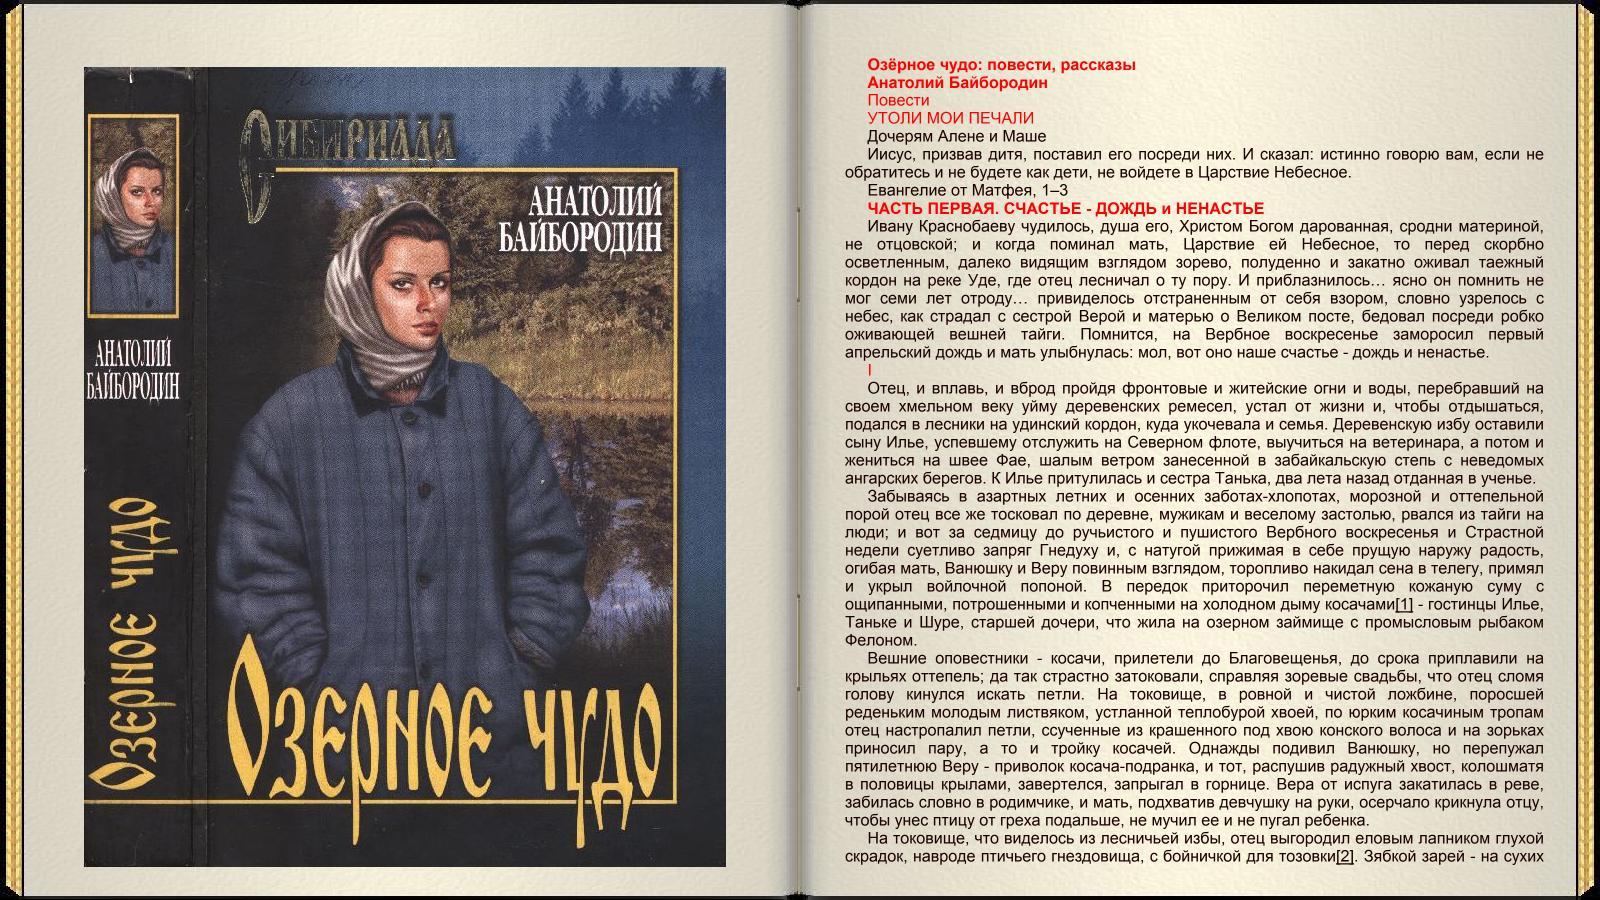 Виль липатов книги скачать бесплатно fb2